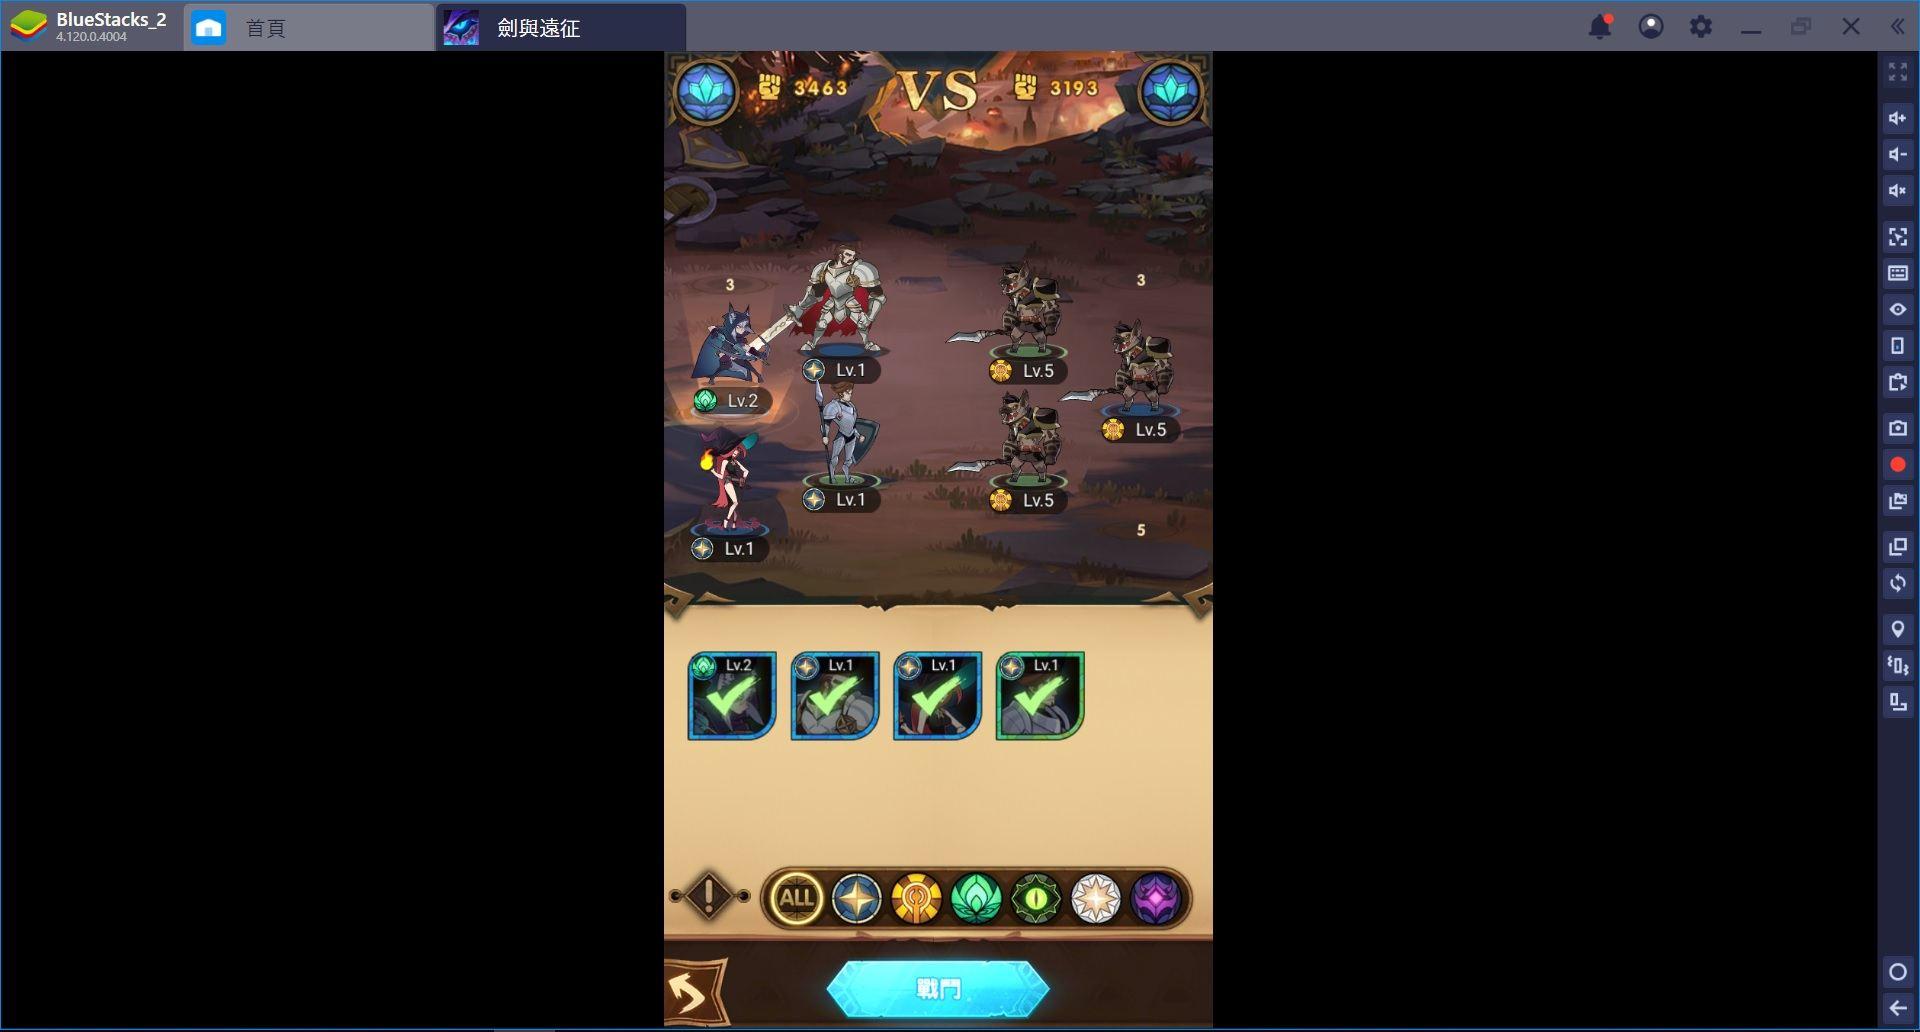 使用BlueStacks初次遊玩 劍與遠征